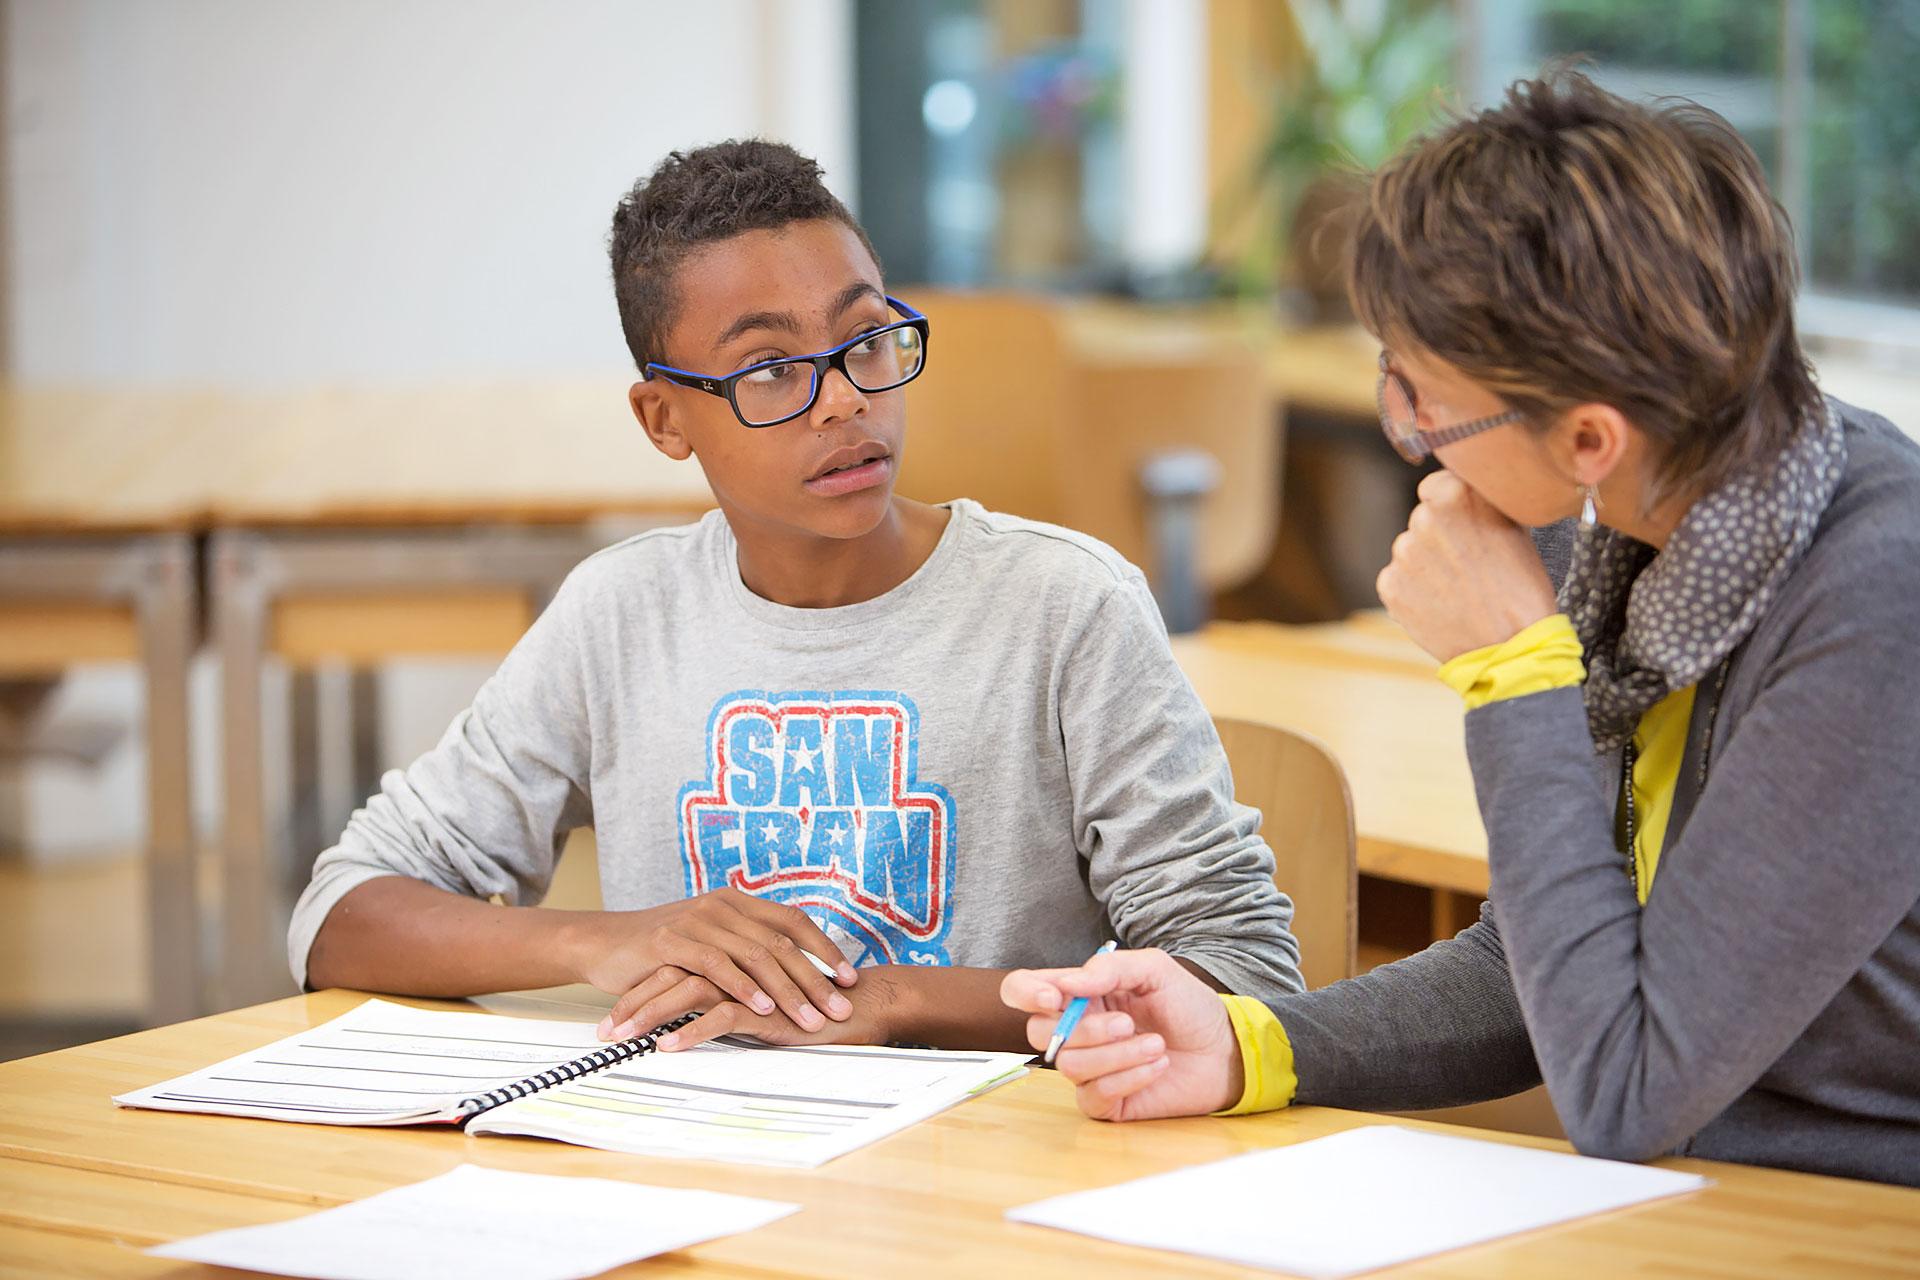 Lehrerin bespricht mit Schüler seine Leistungsbeurteilung